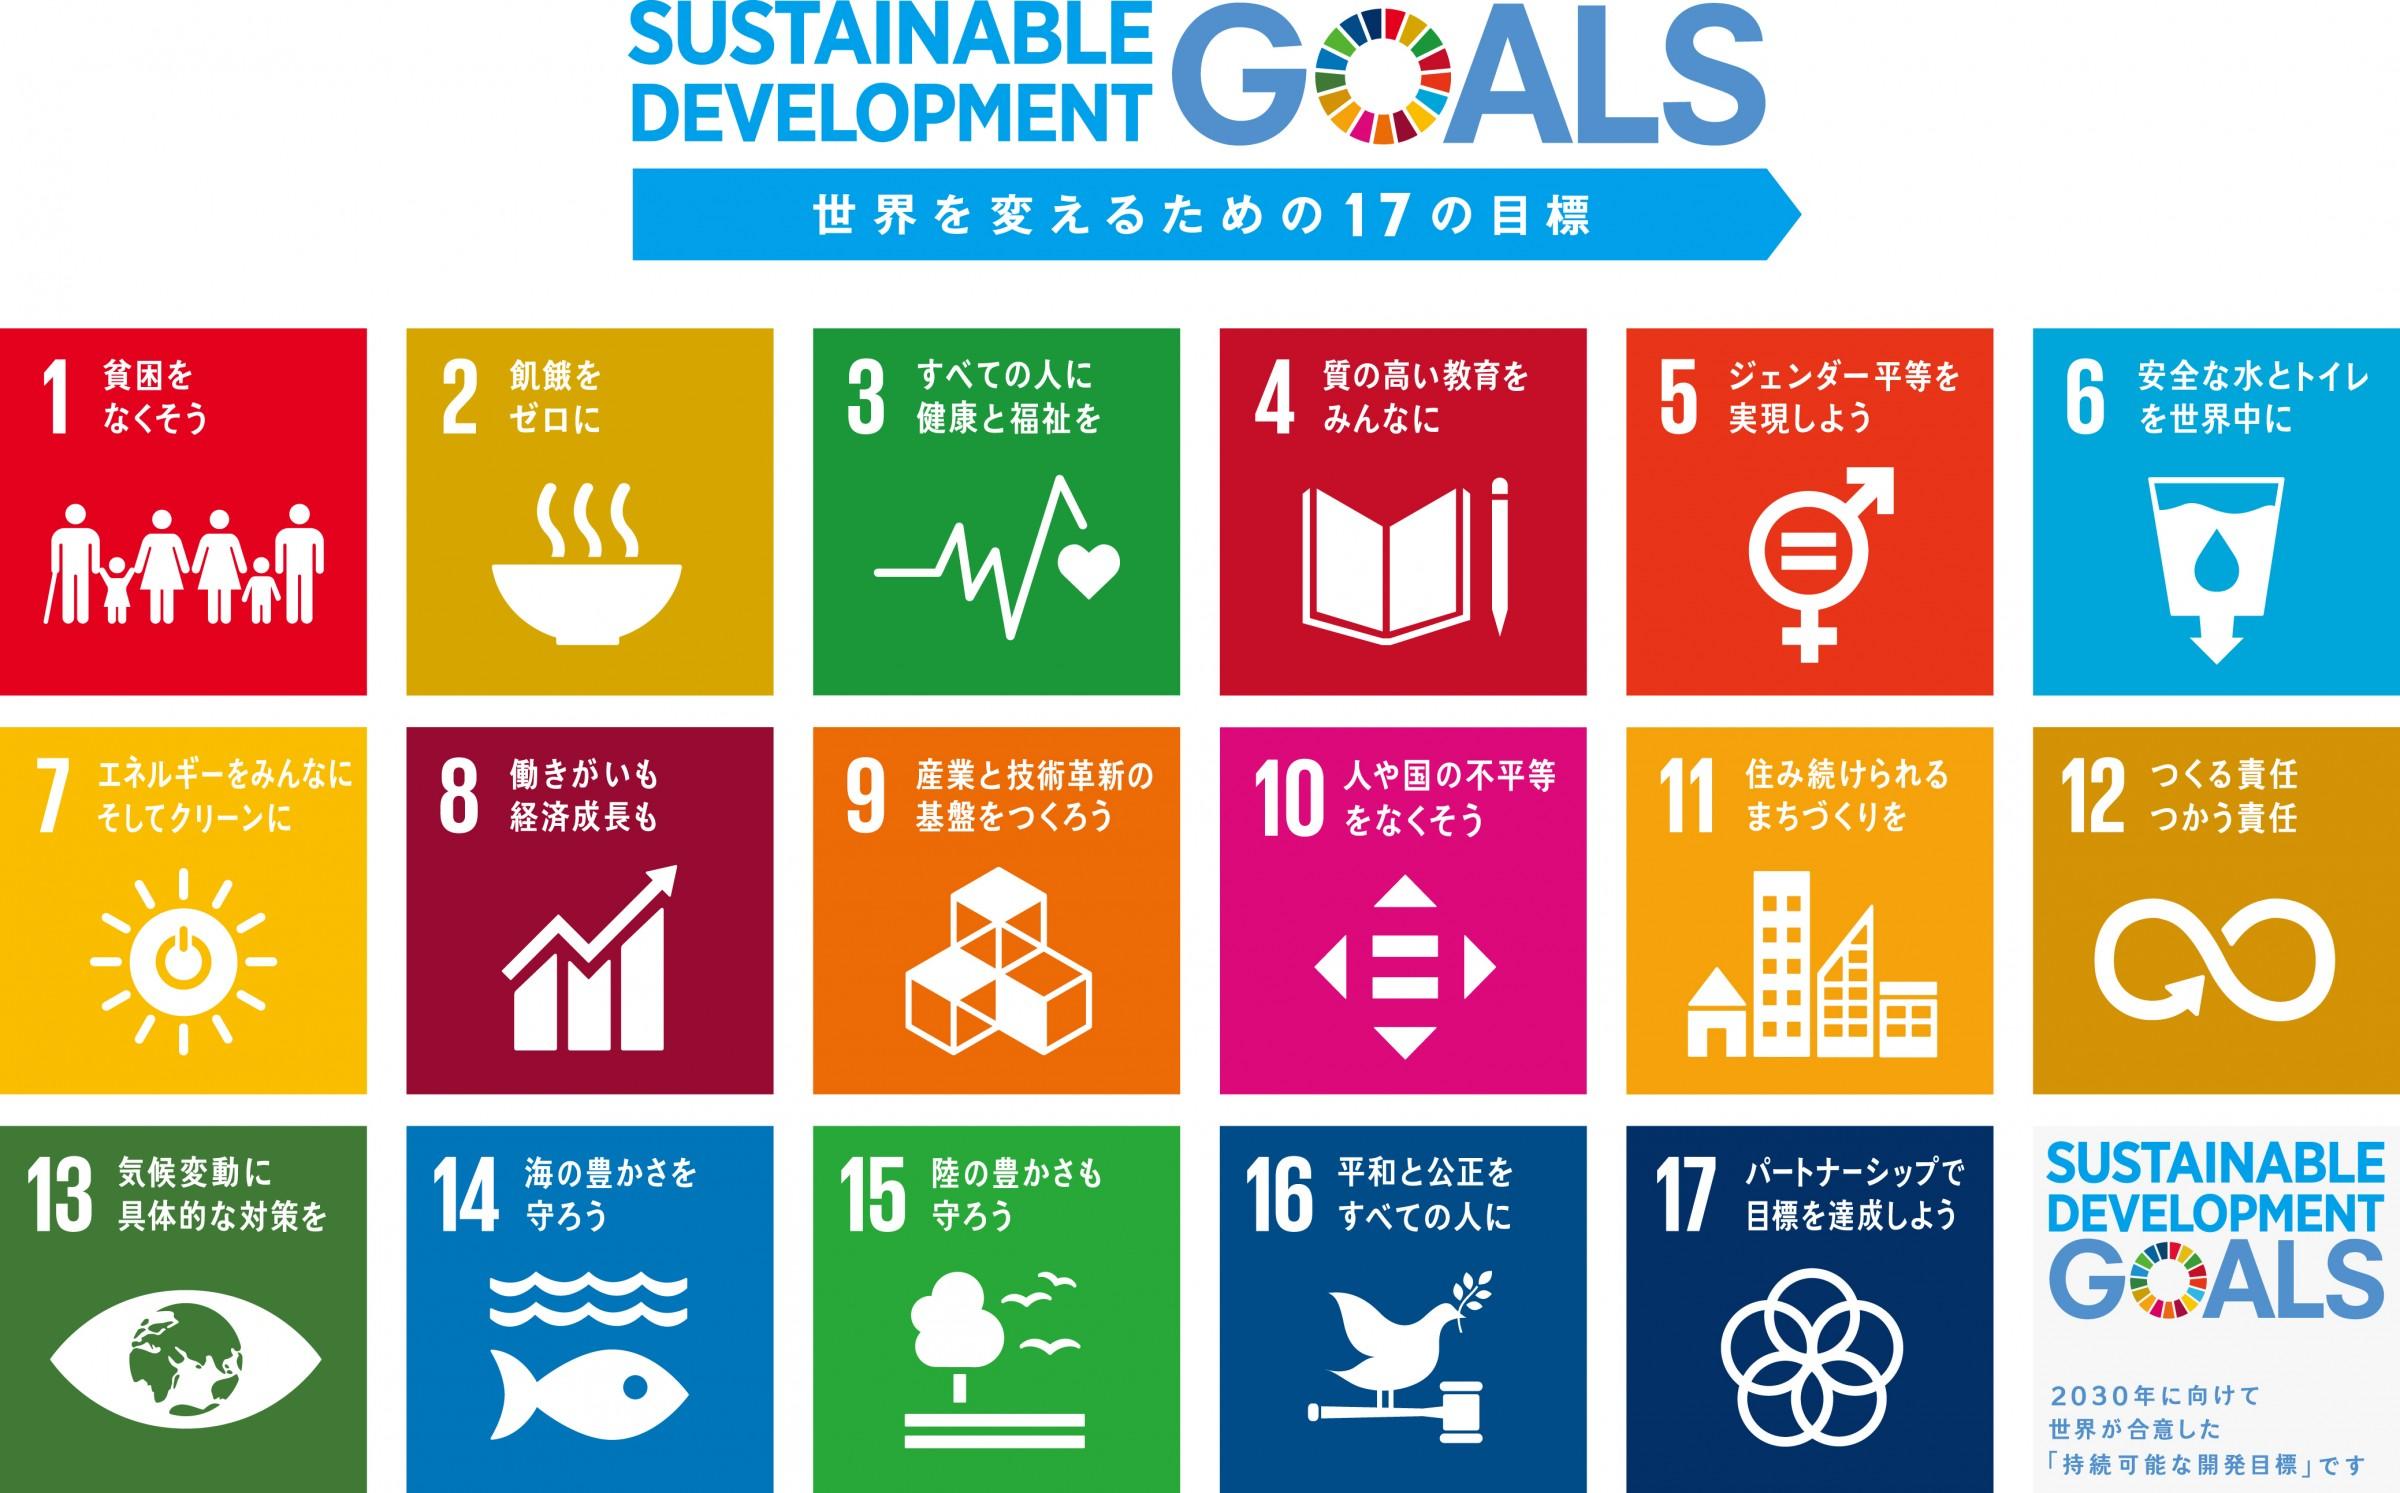 2019/02/24 カードゲーム「2030SDGs」 から学ぼう! SDGs17の目標を達成するための道のりを体験する4時間